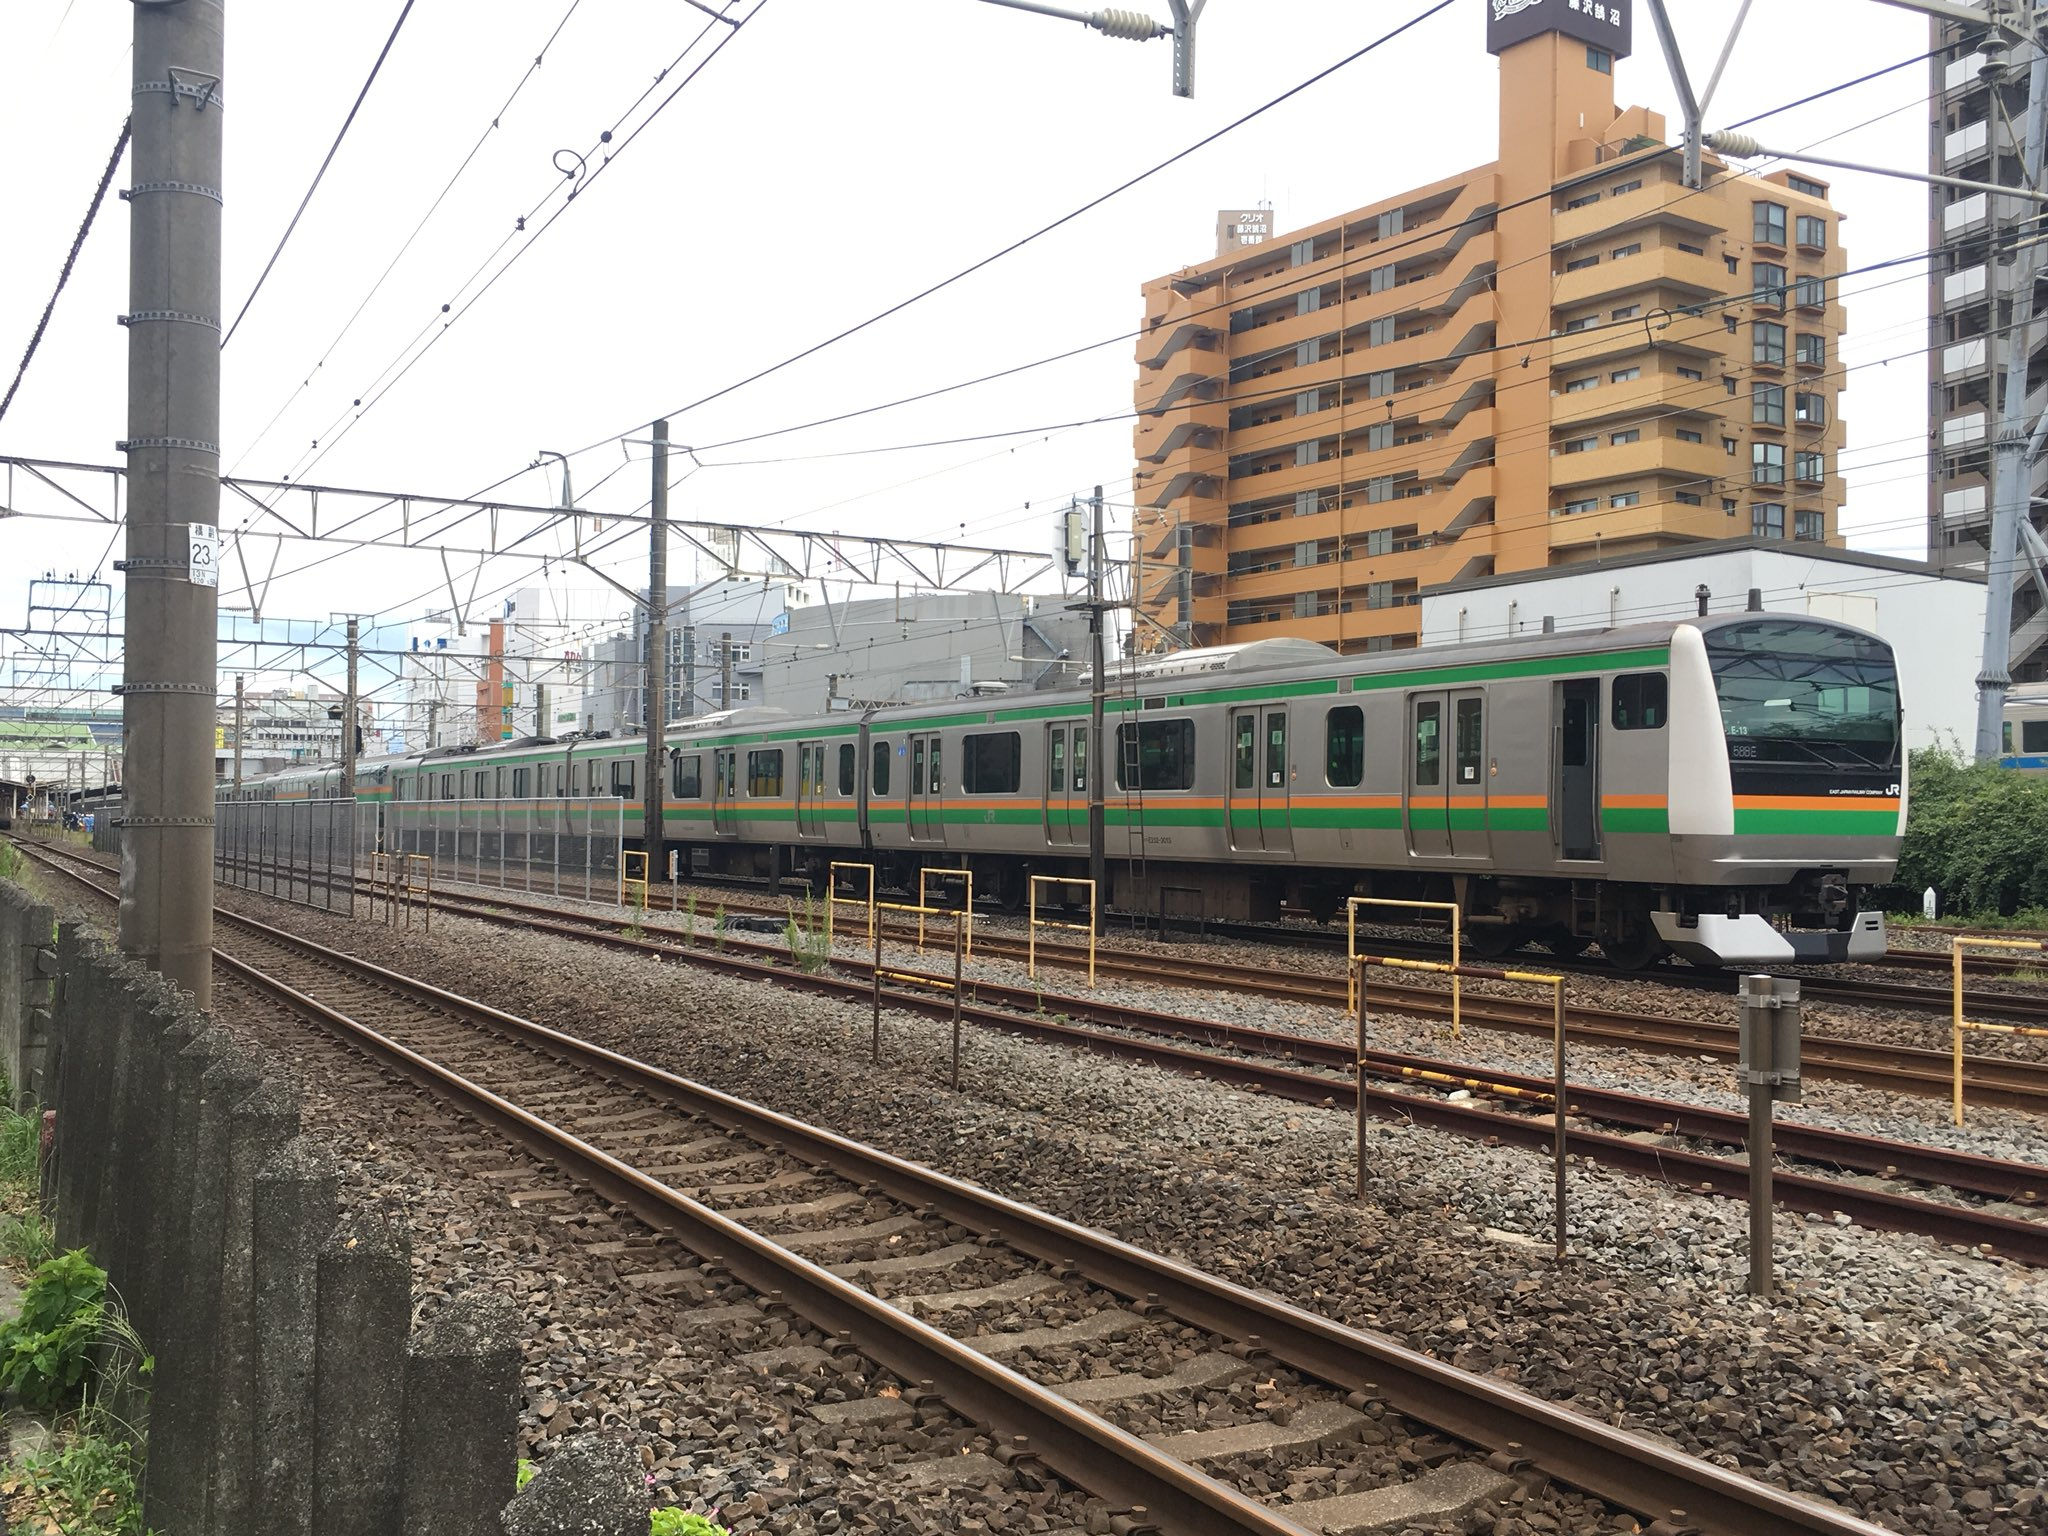 画像,東海道線藤沢駅人身事故当該列車は1588E普通古河行きE233系E-73編成+E-13編成当該編成は現在乗客降車及びパンタ下げて救助活動中の模様 https:/…